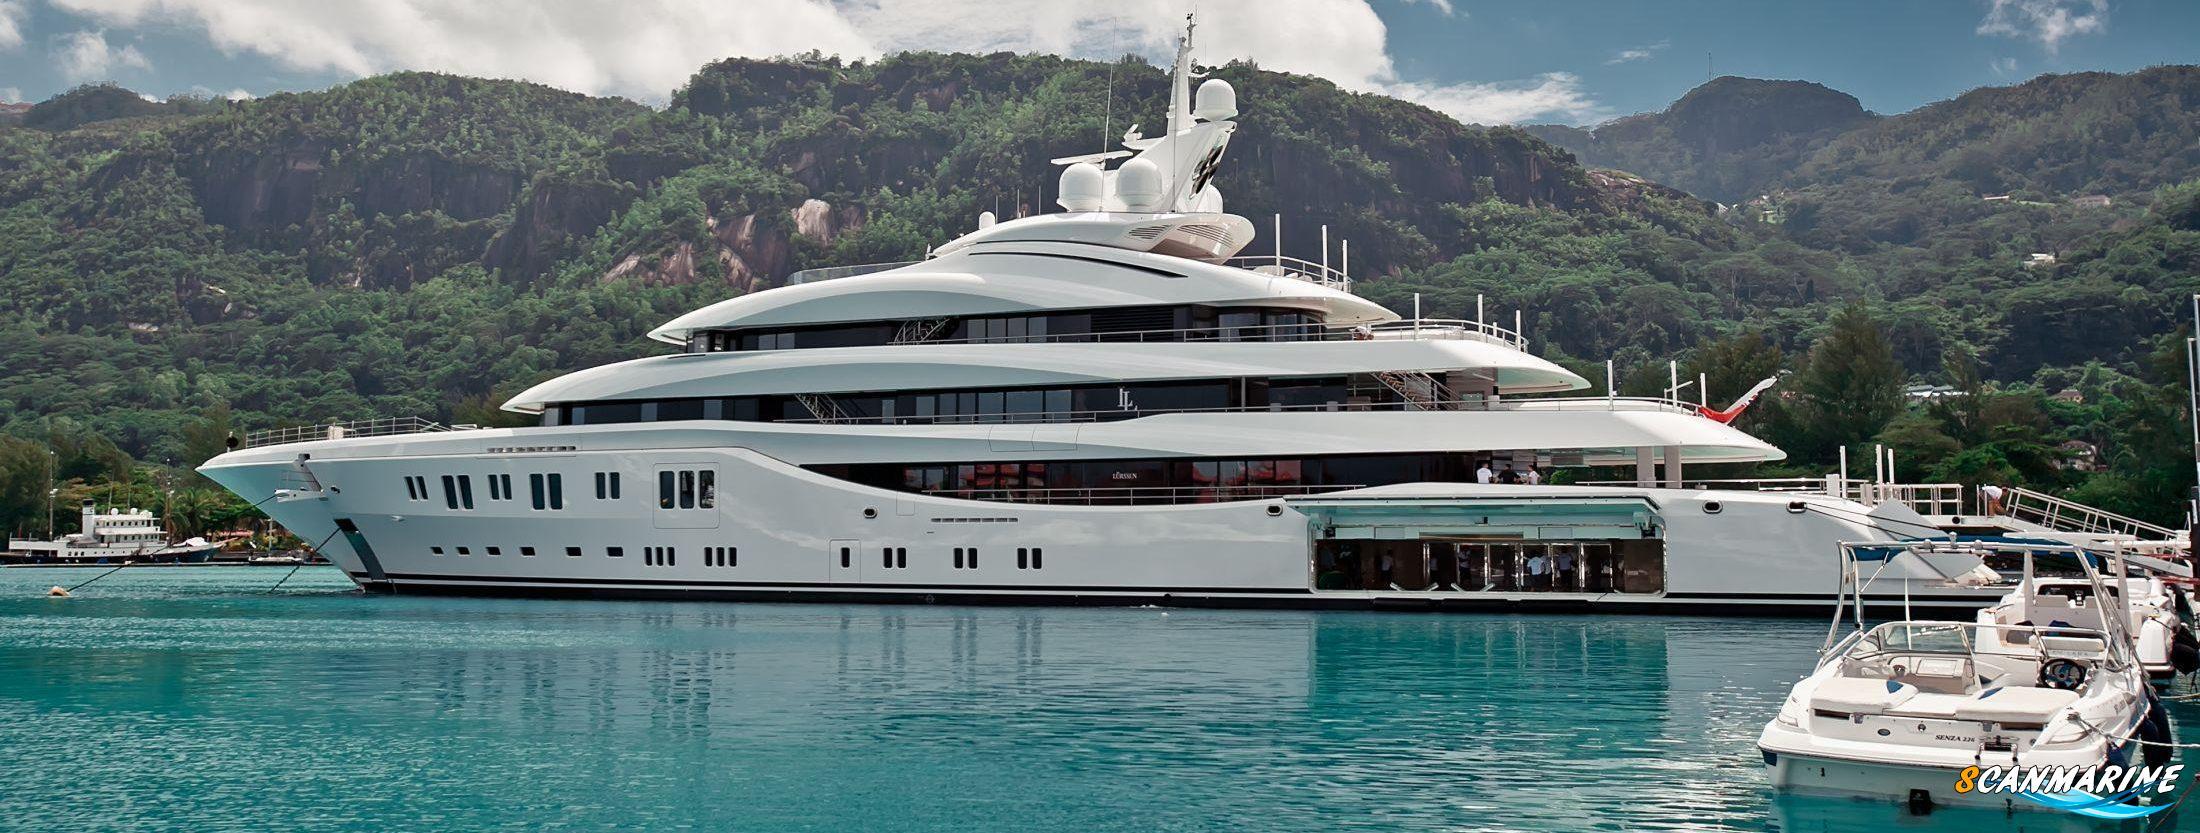 КатерДилер — моторные водоизмещающие яхты и катера — продажа, прием на комиссию